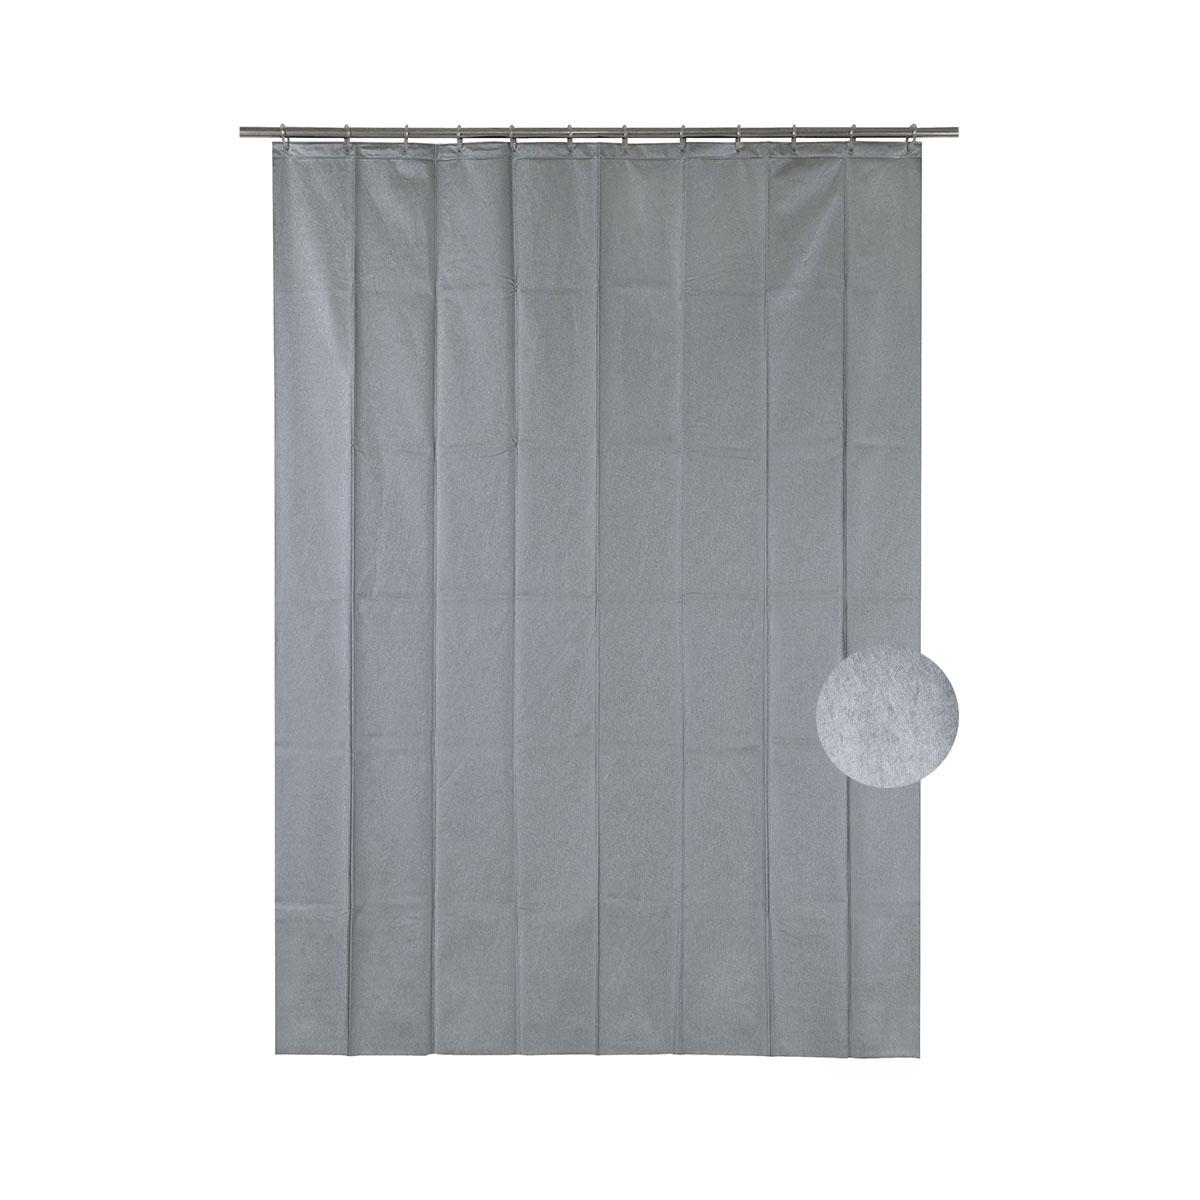 Rideau de douche effet métal gris